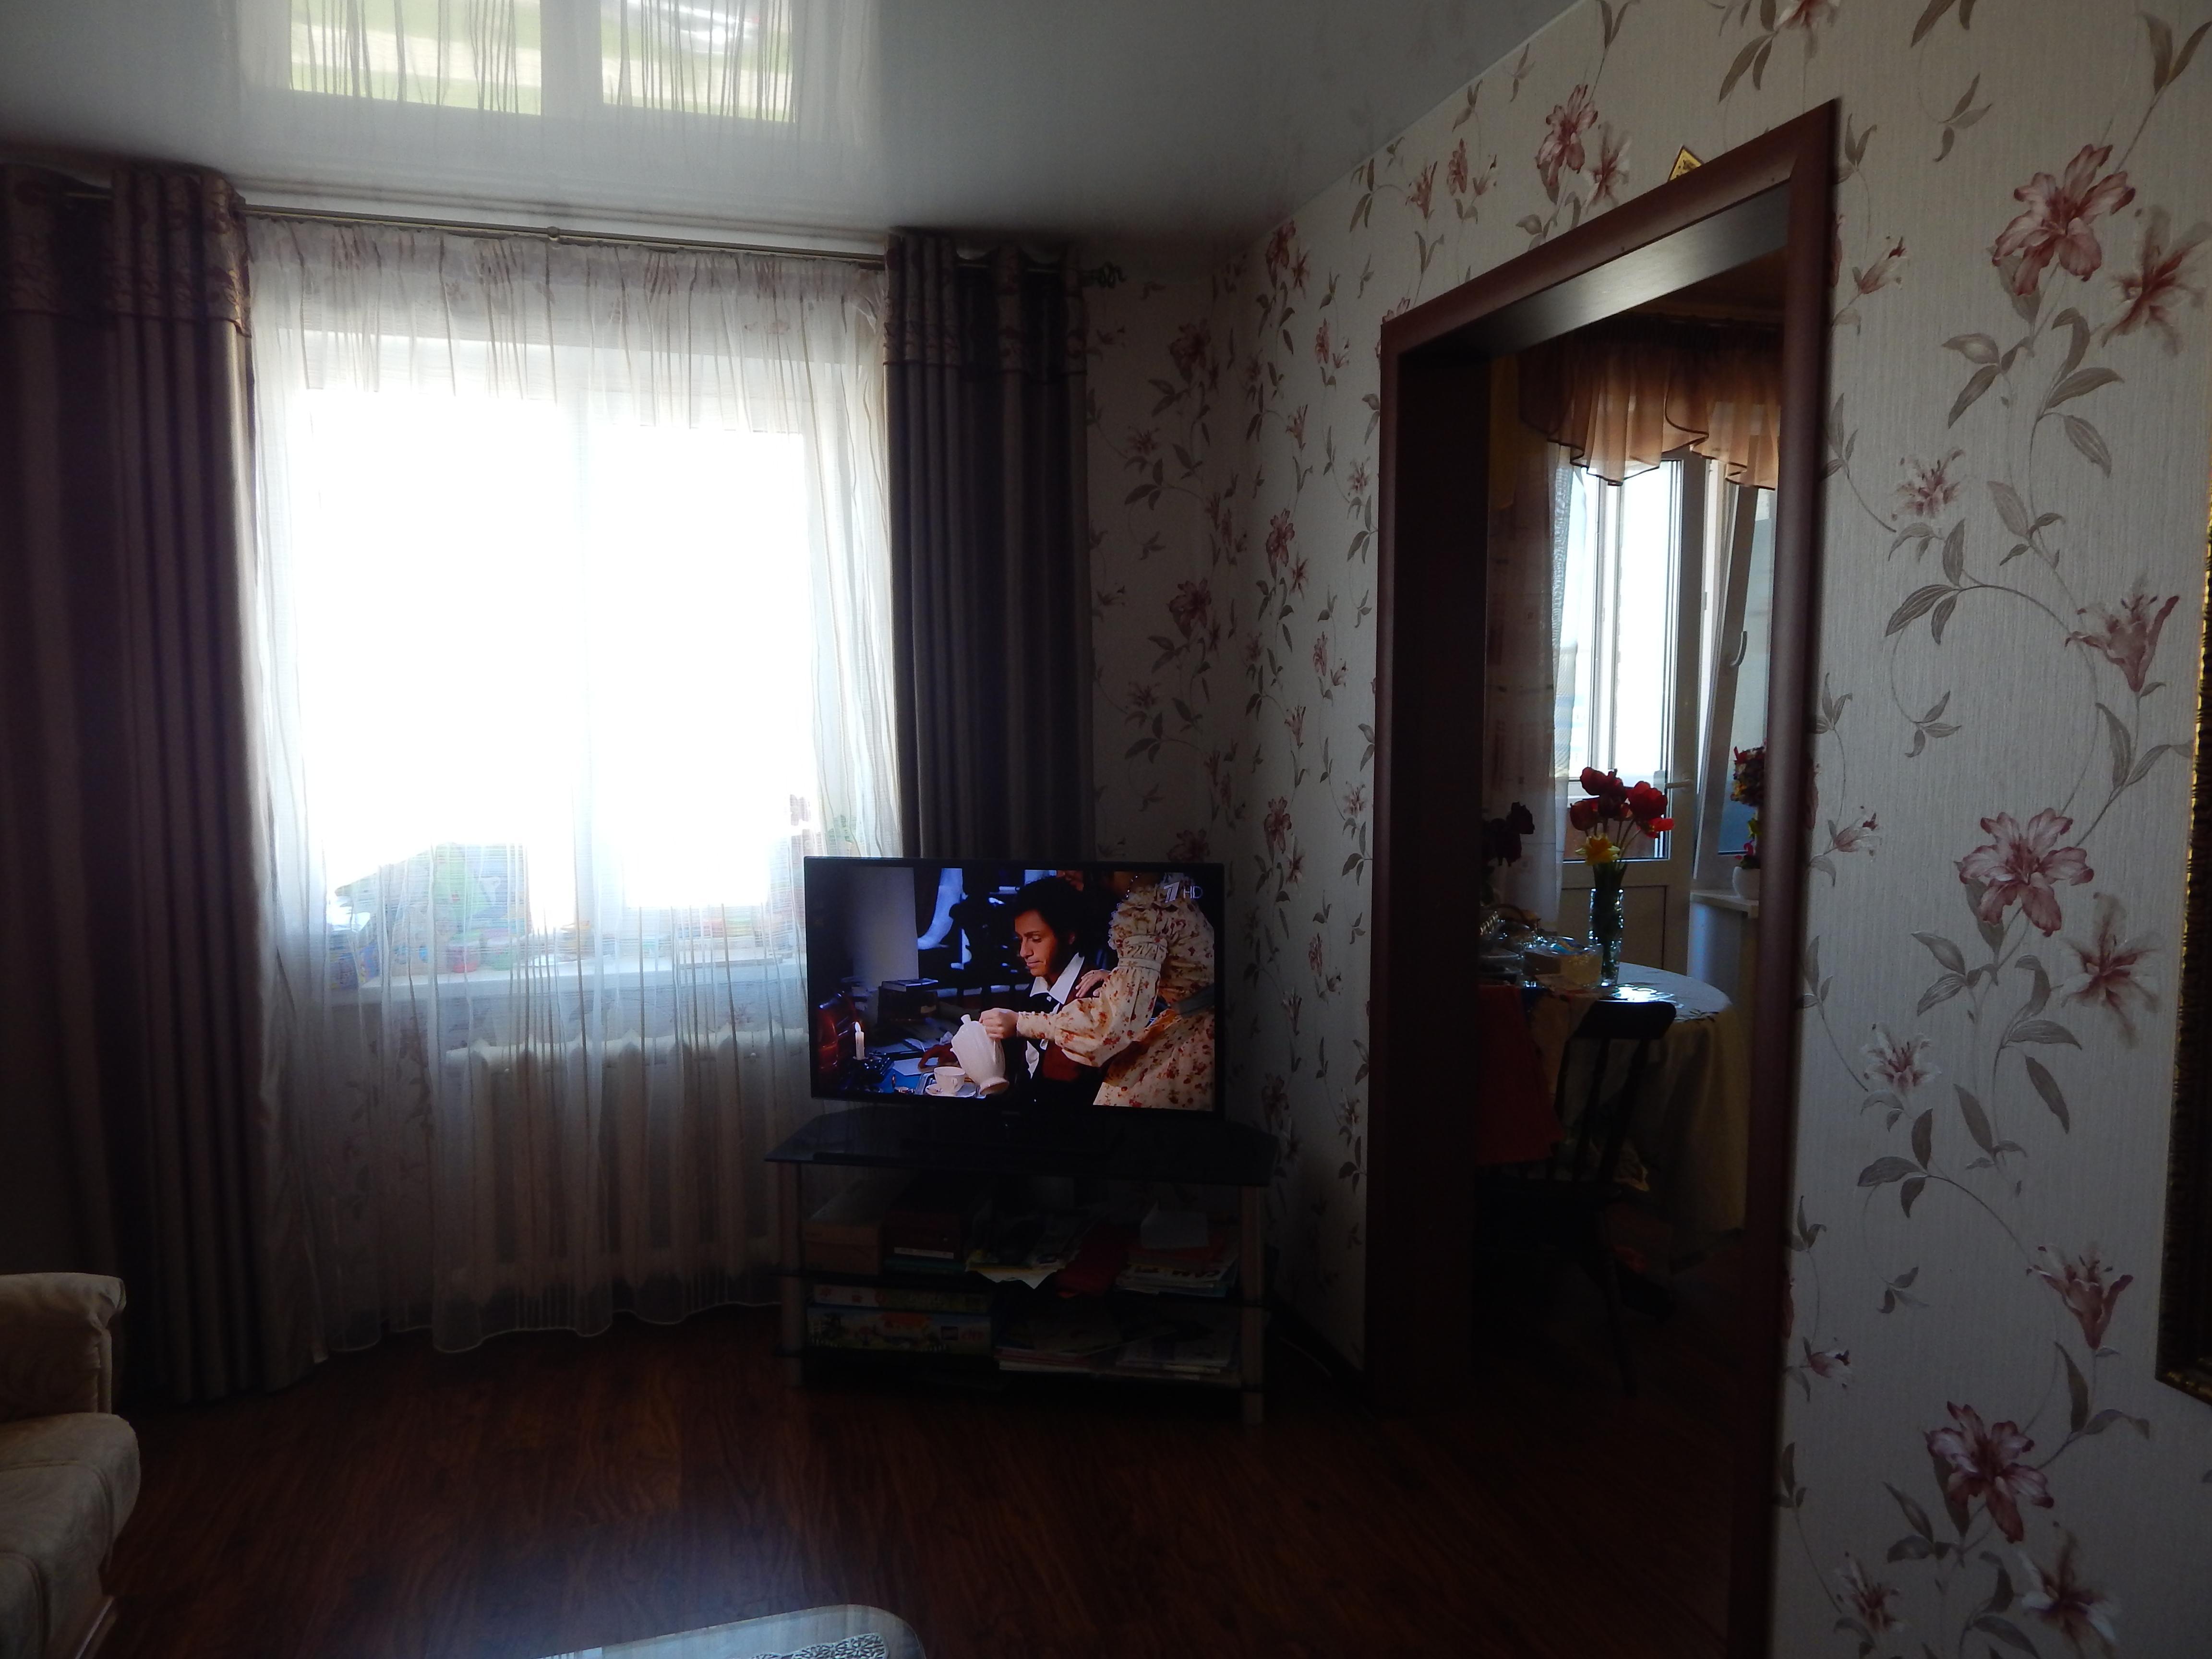 Трехкомнатная квартира - ул. Коммунальная, д. 70